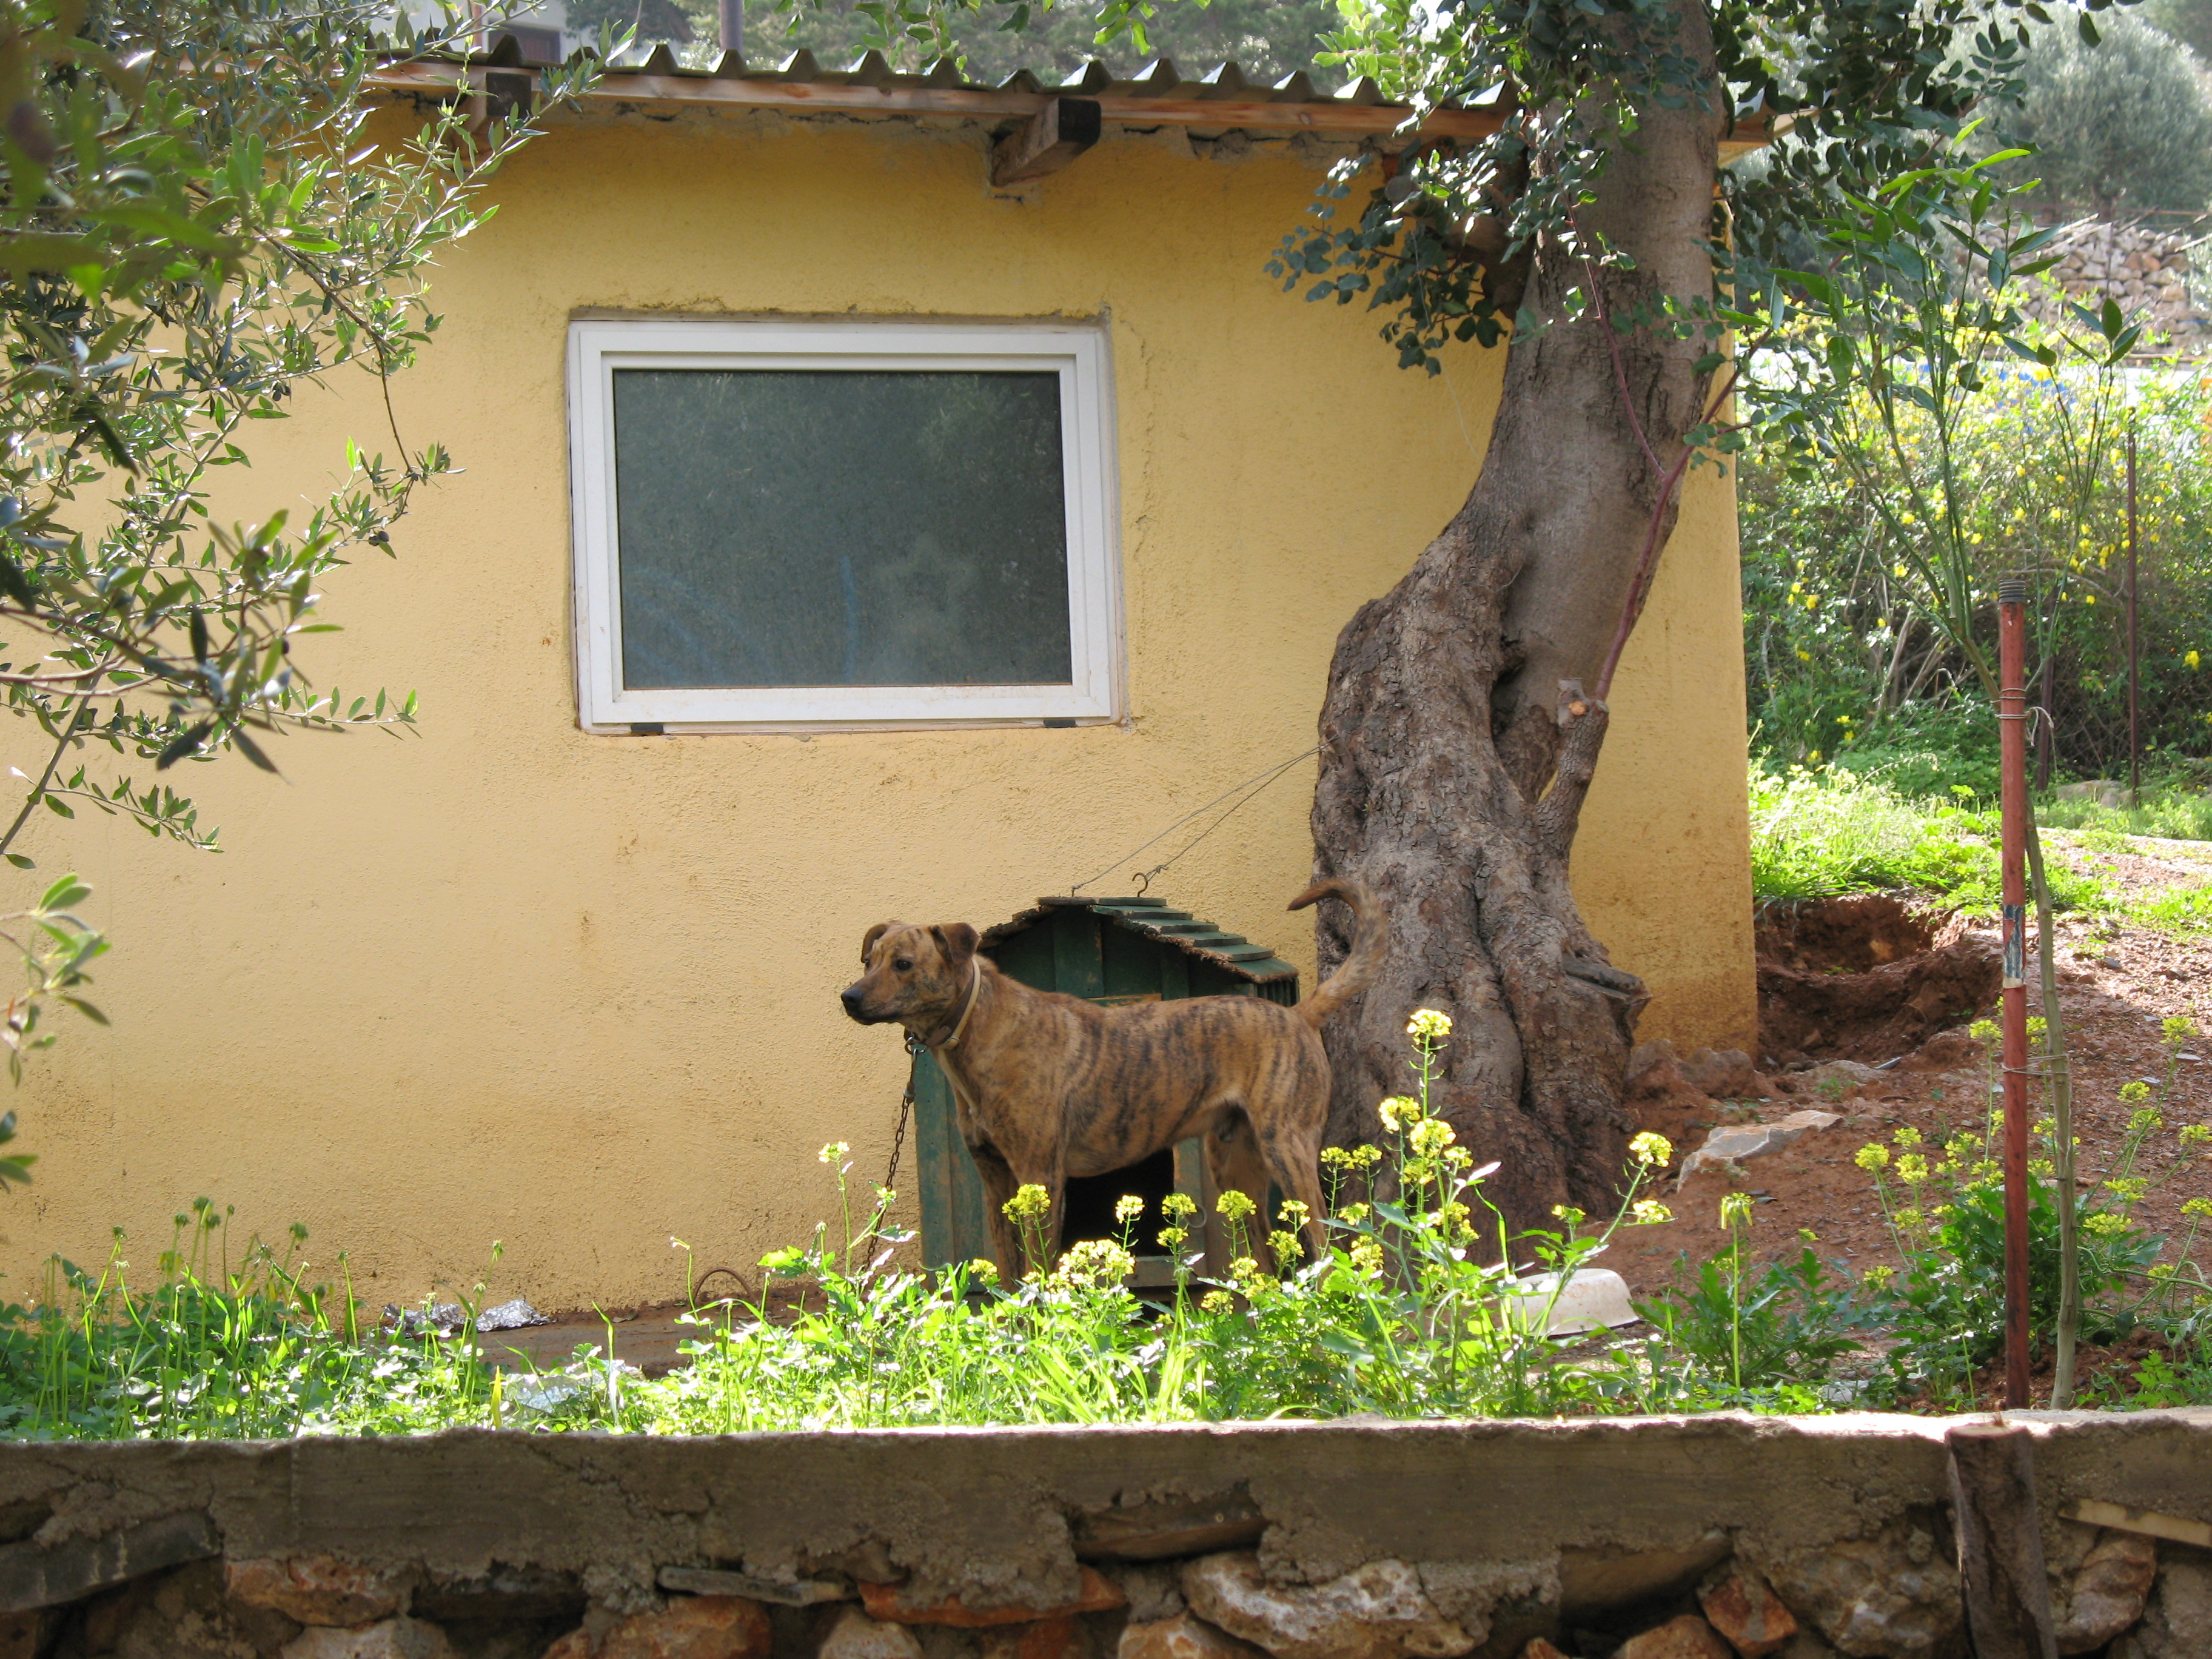 Cretan Hound Puppies: Cretan Portekiz Sigir Kopegi Breed